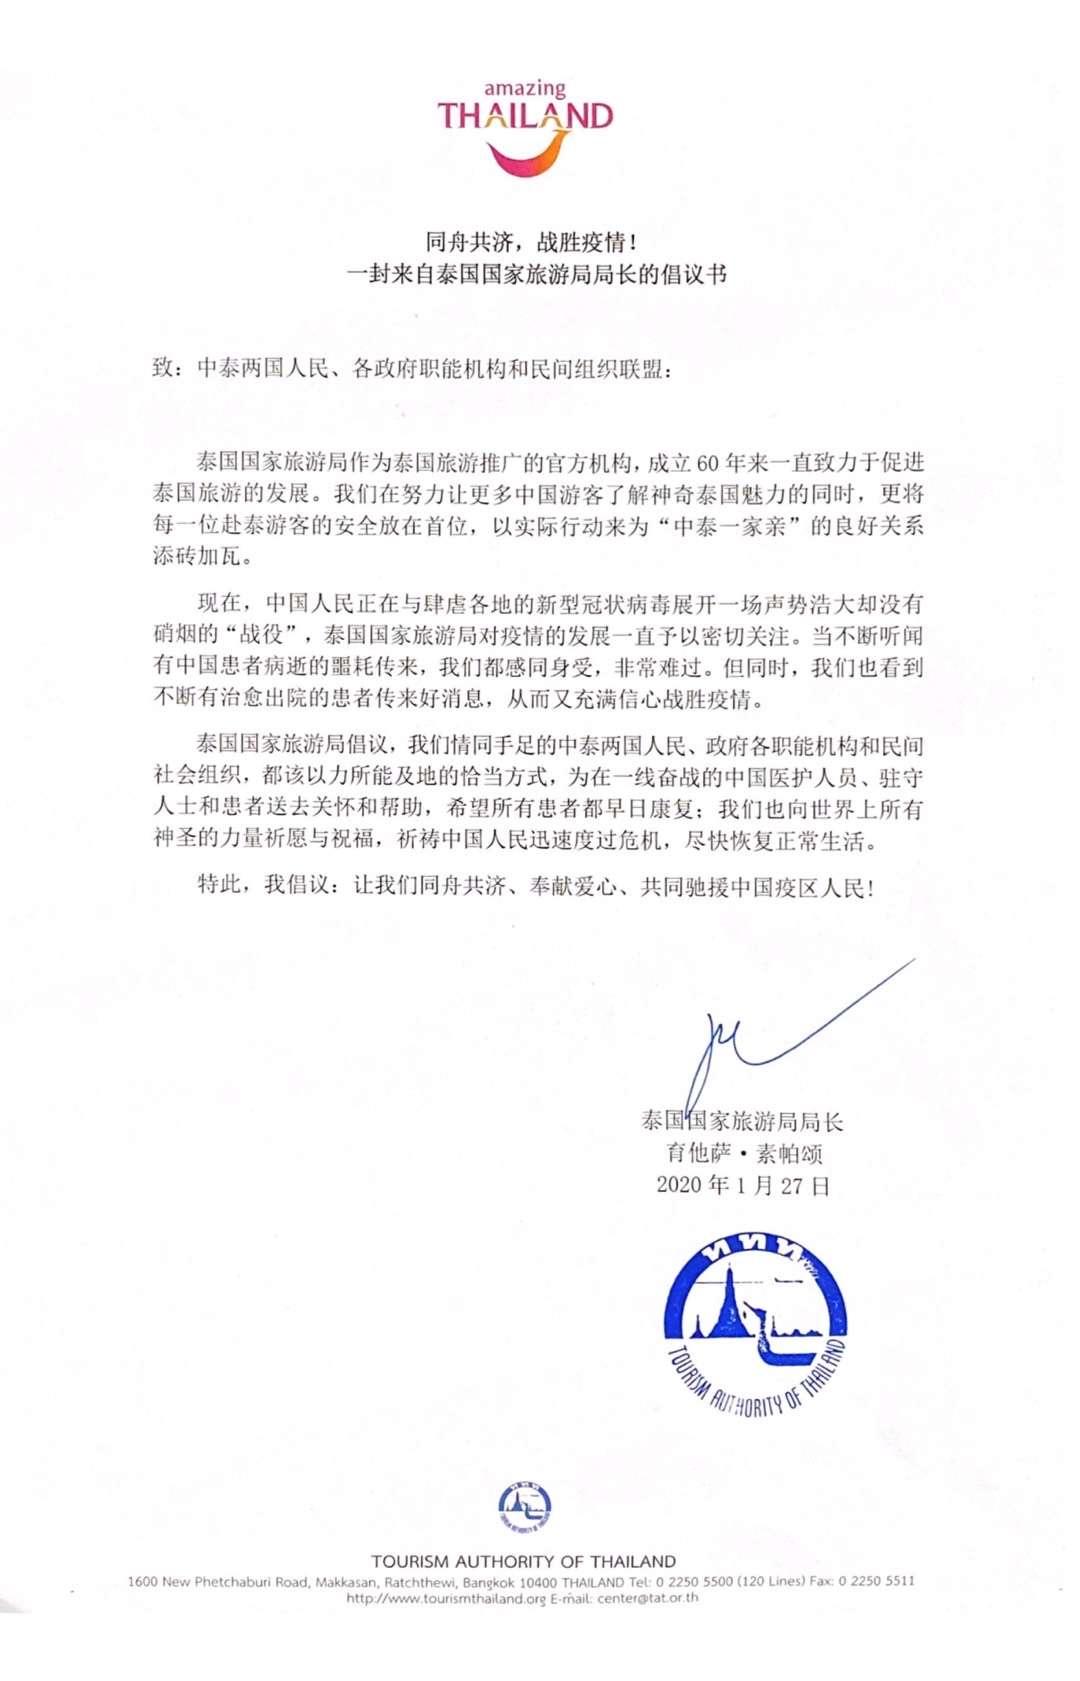 一封来自泰国国家旅游局局长的倡议书2!